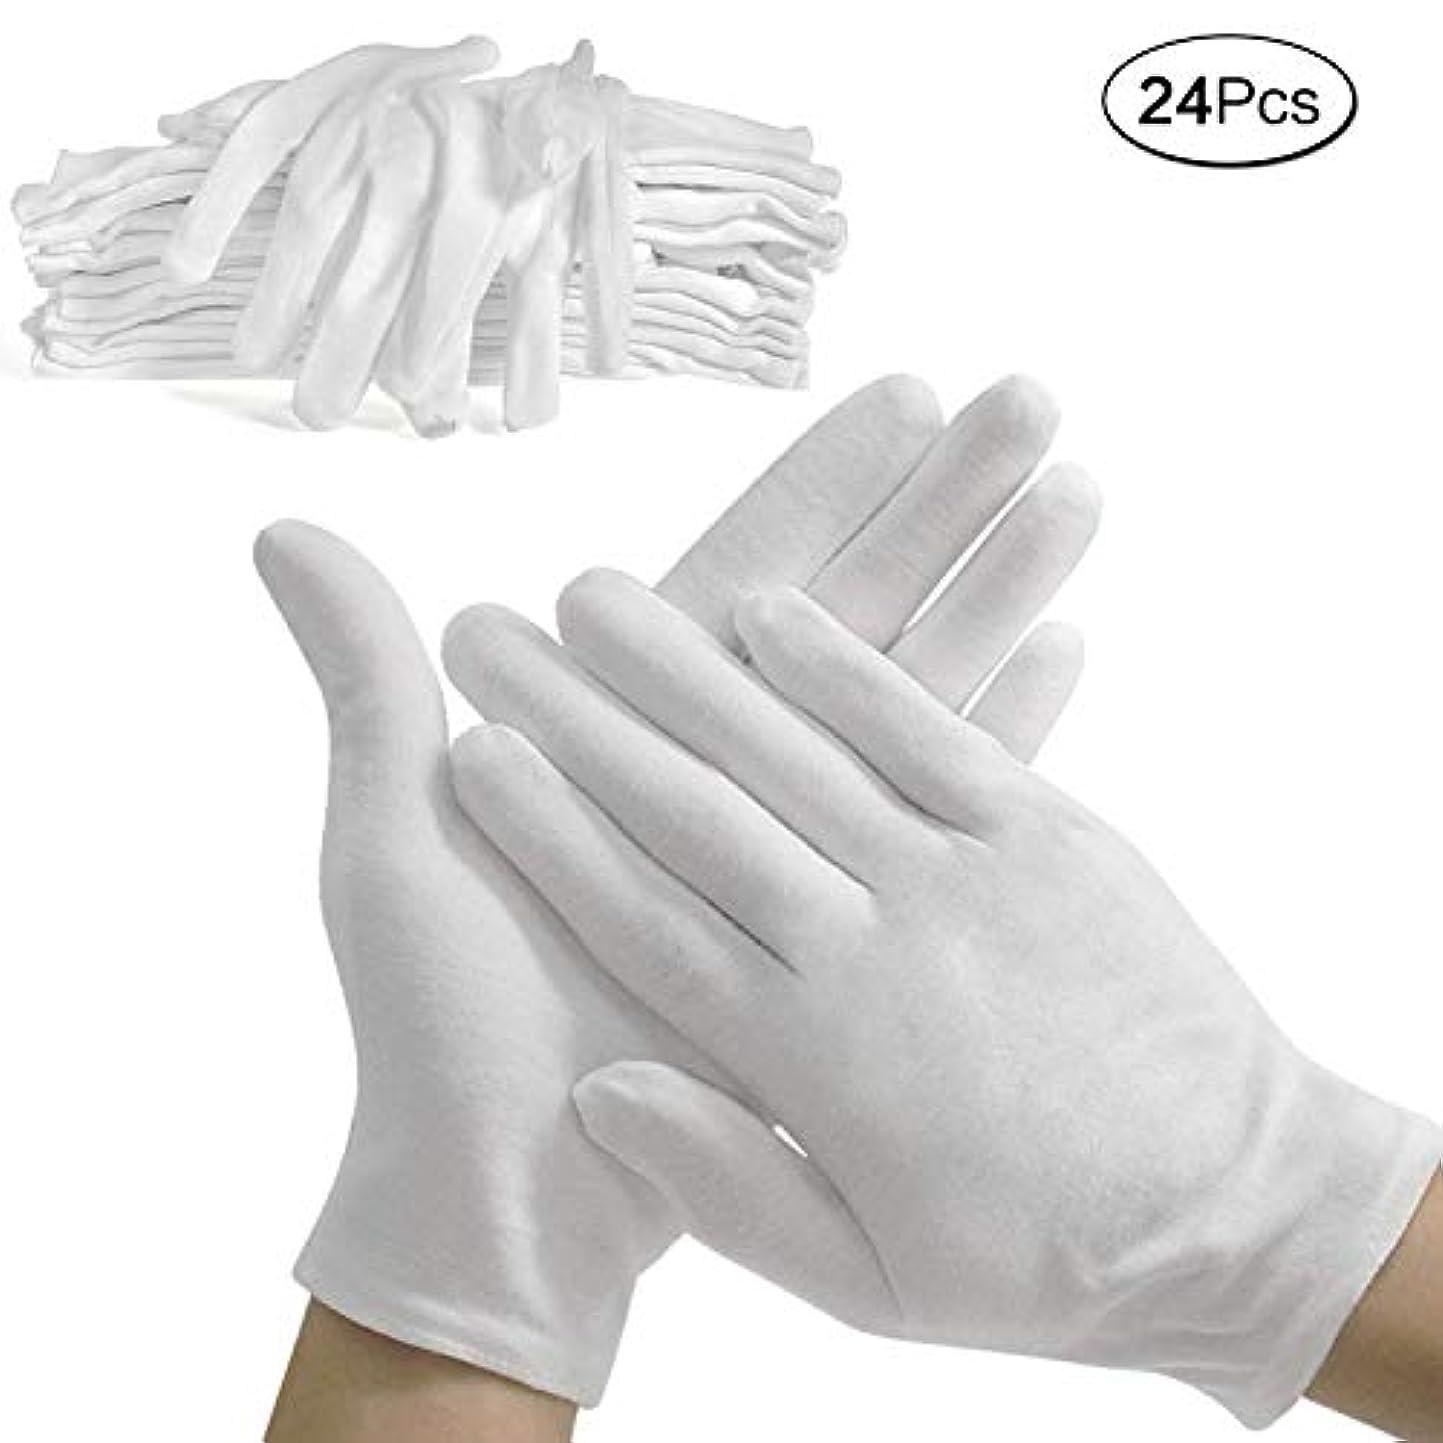 キリン委員長サイレン使い捨て手袋 綿手袋 コットン手袋 純綿100% 薄手 白手袋 メンズ レディース 手荒れ防止 おやすみ 湿疹用 乾燥肌用 保湿用 礼装用 作業用 24PCS(白, L)